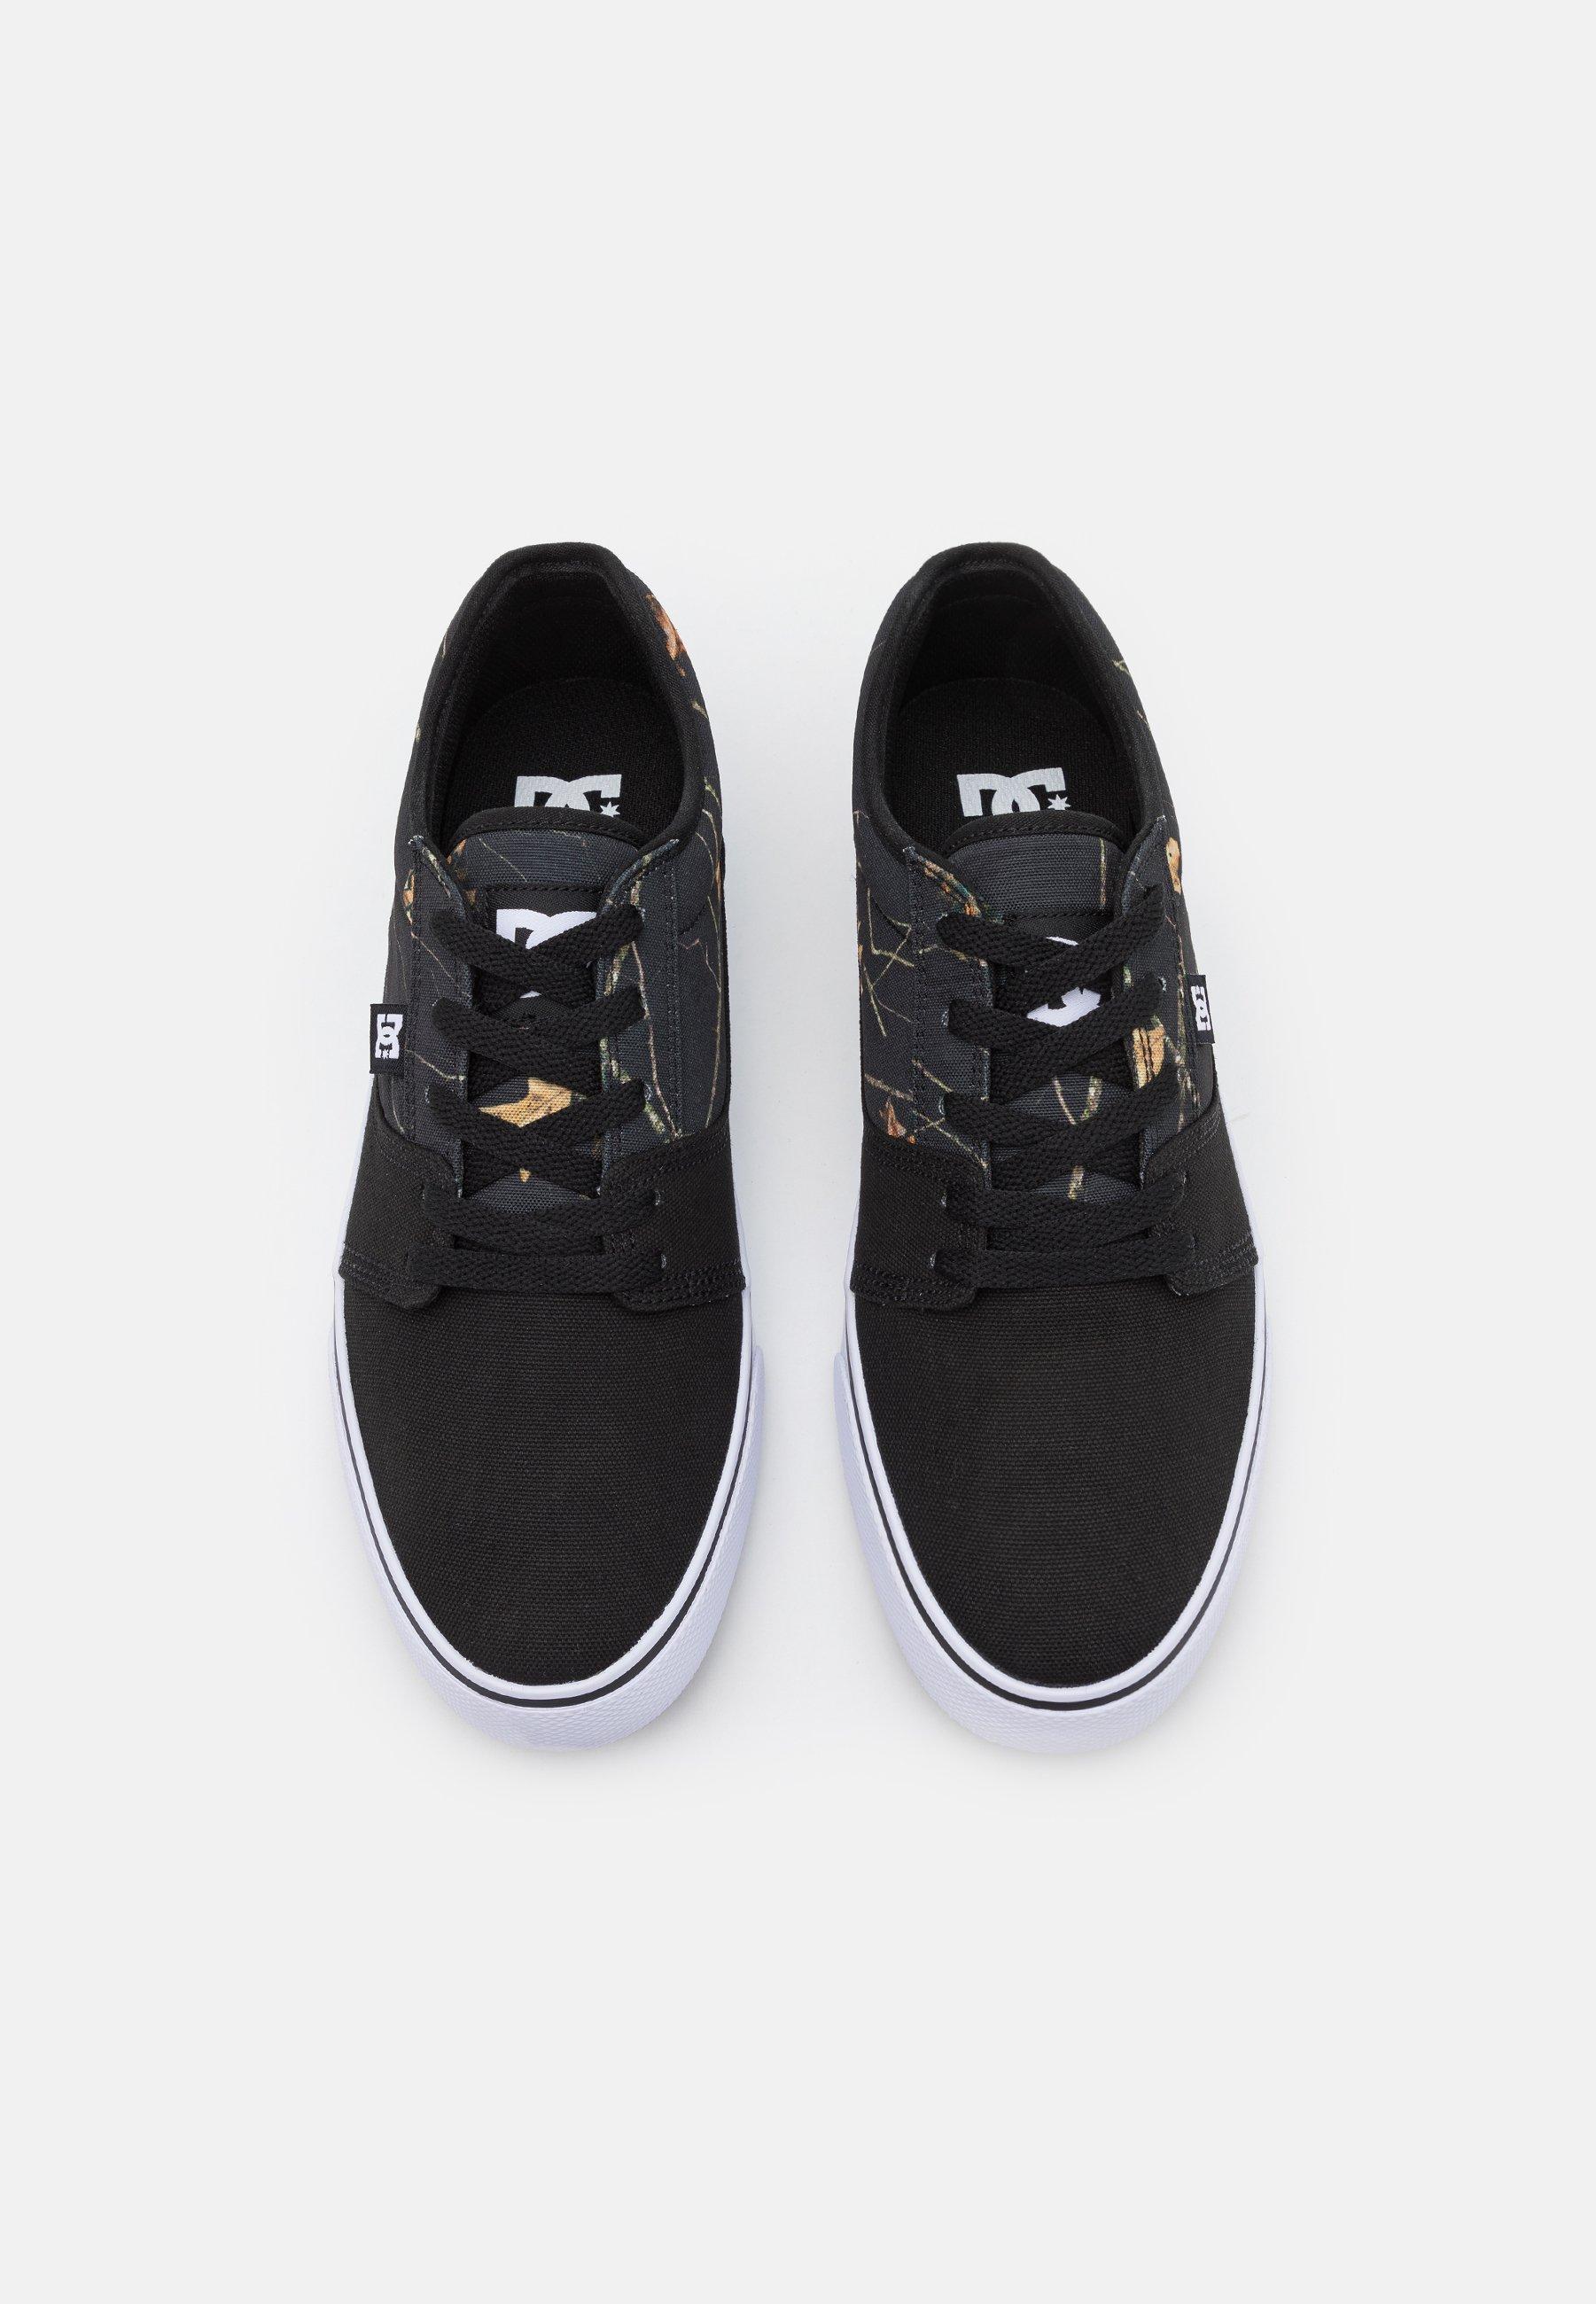 Homme TONIK SE UNISEX - Chaussures de skate